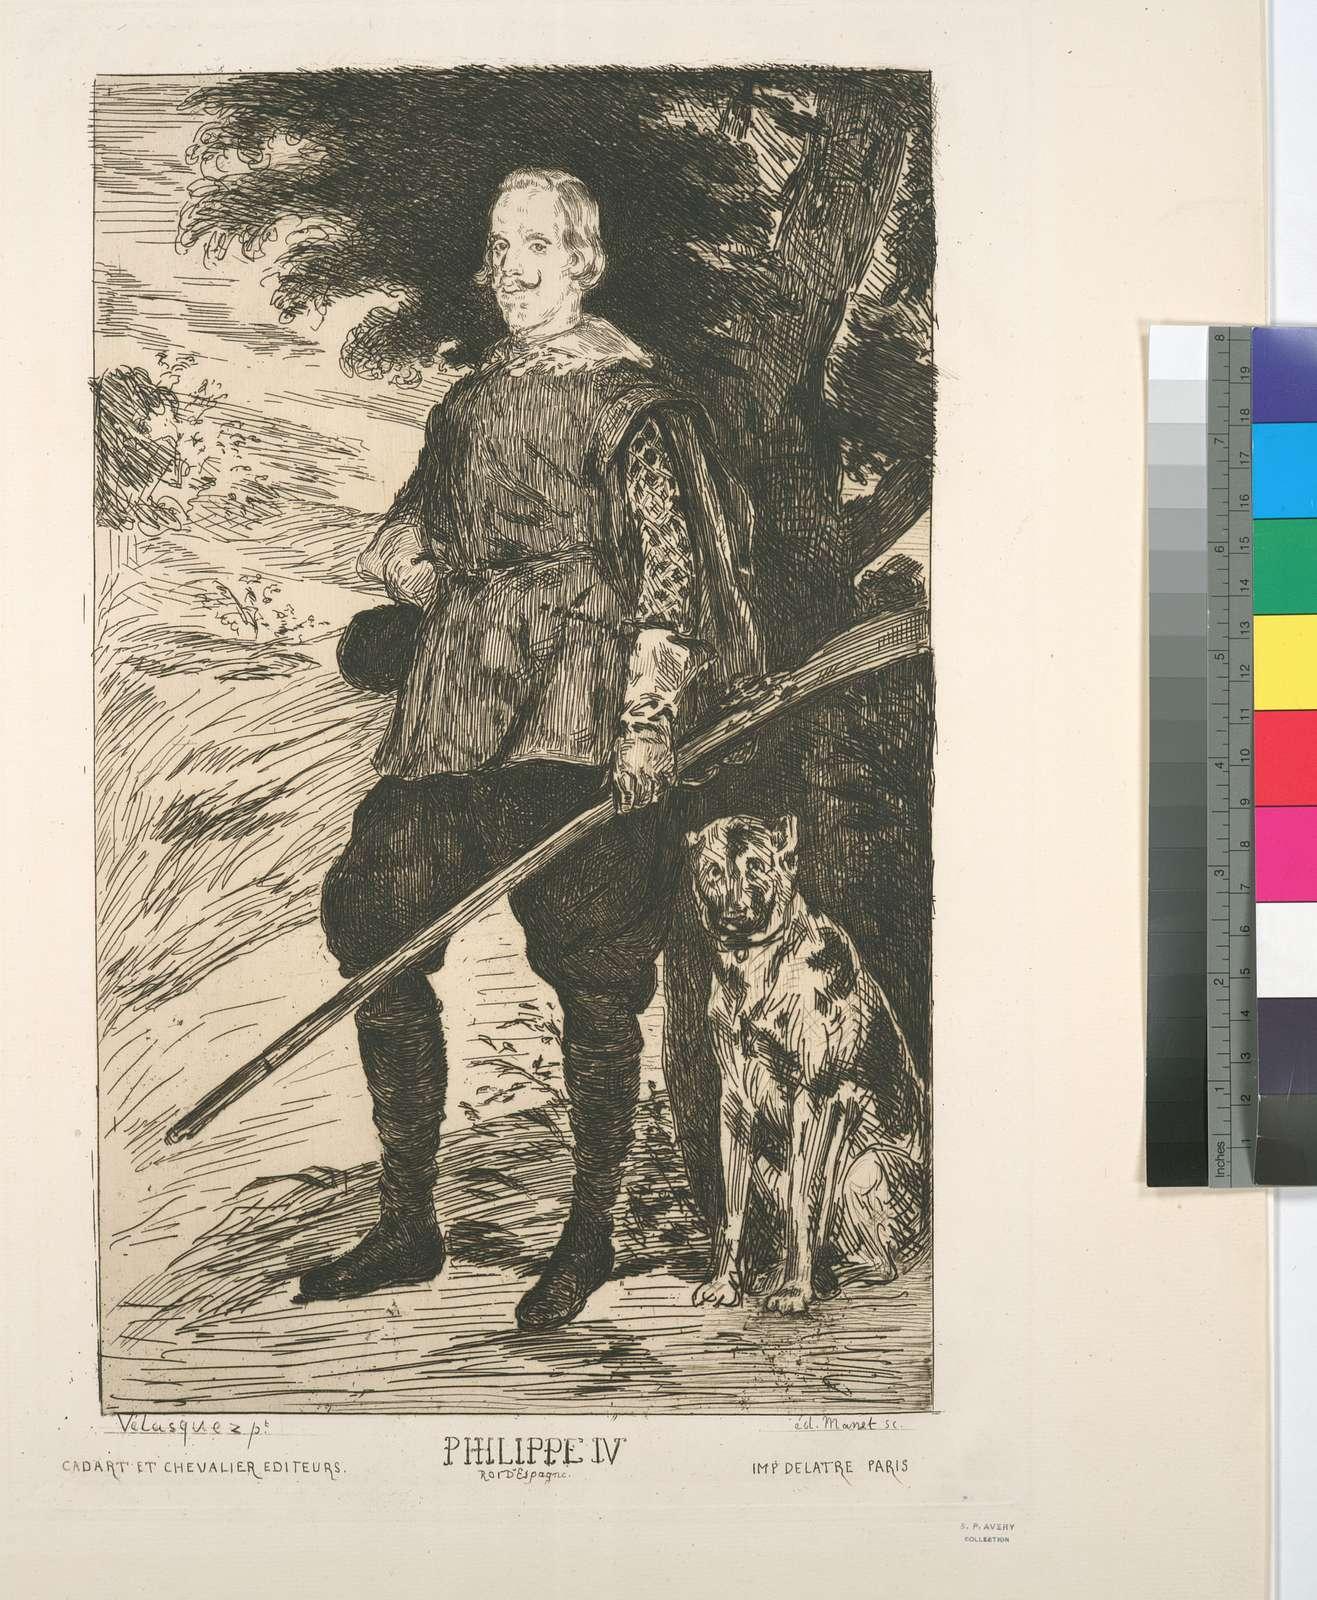 Philippe IV, d'après Velasquez.